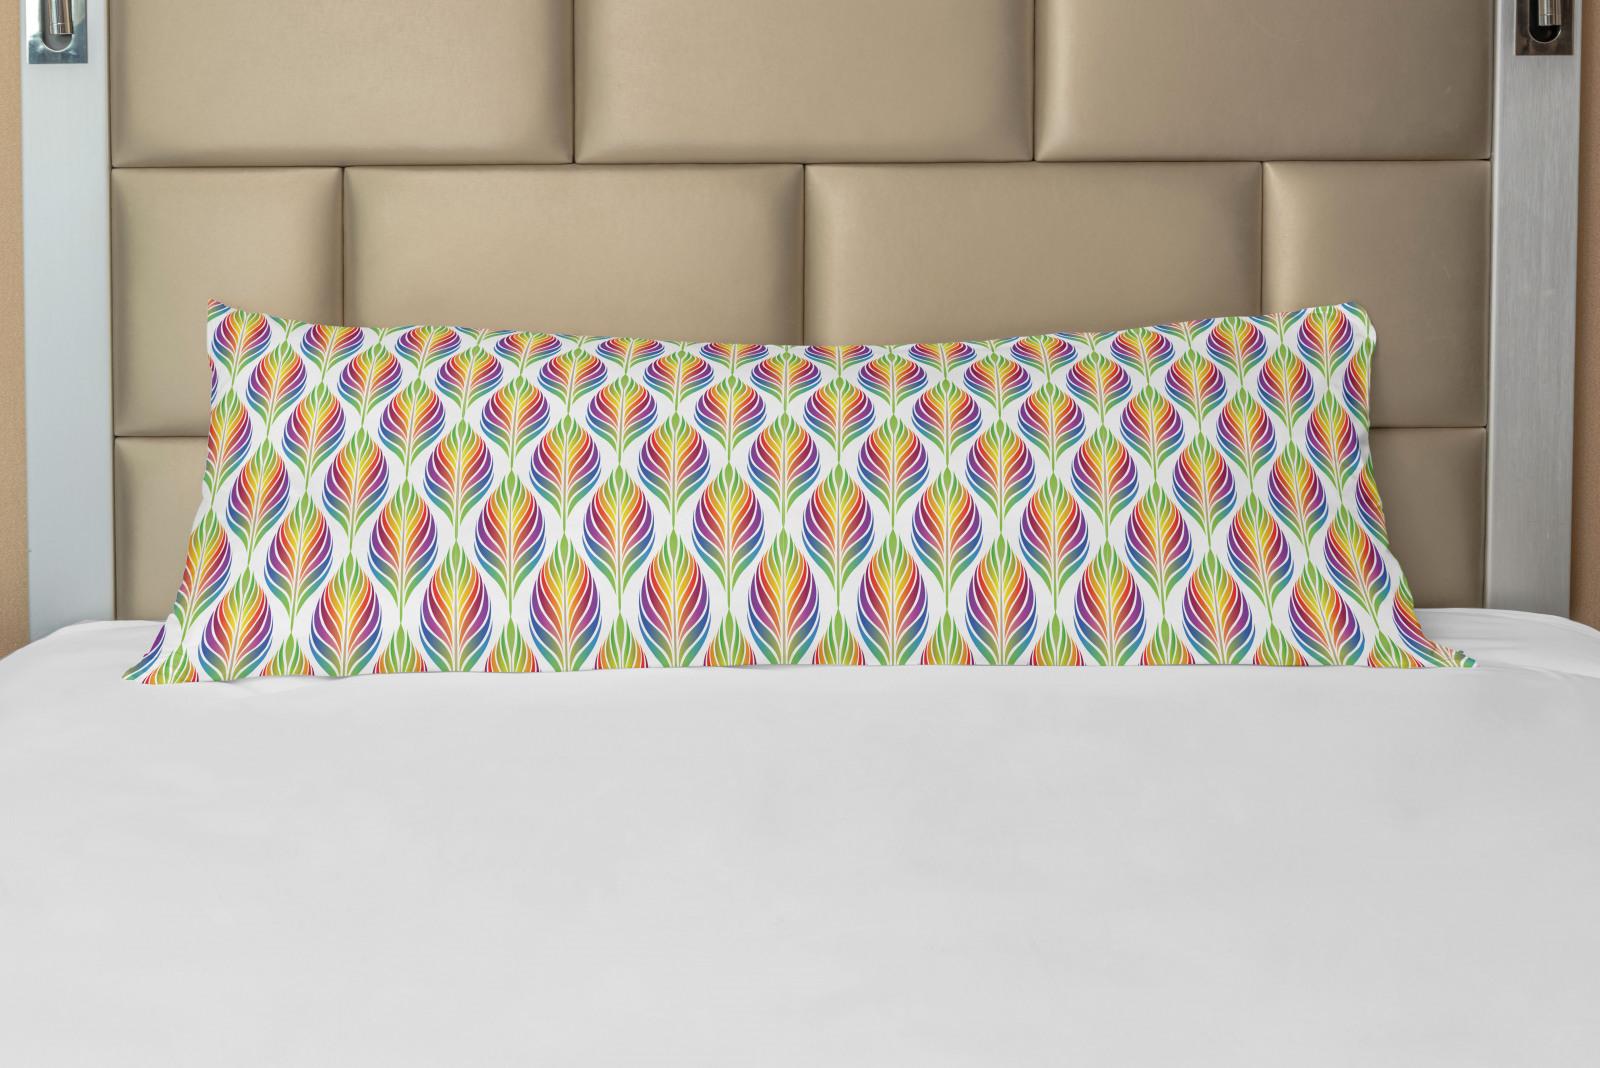 Körperkissenbezug Bunt Regenbogen-Blatt-Motive Kunst